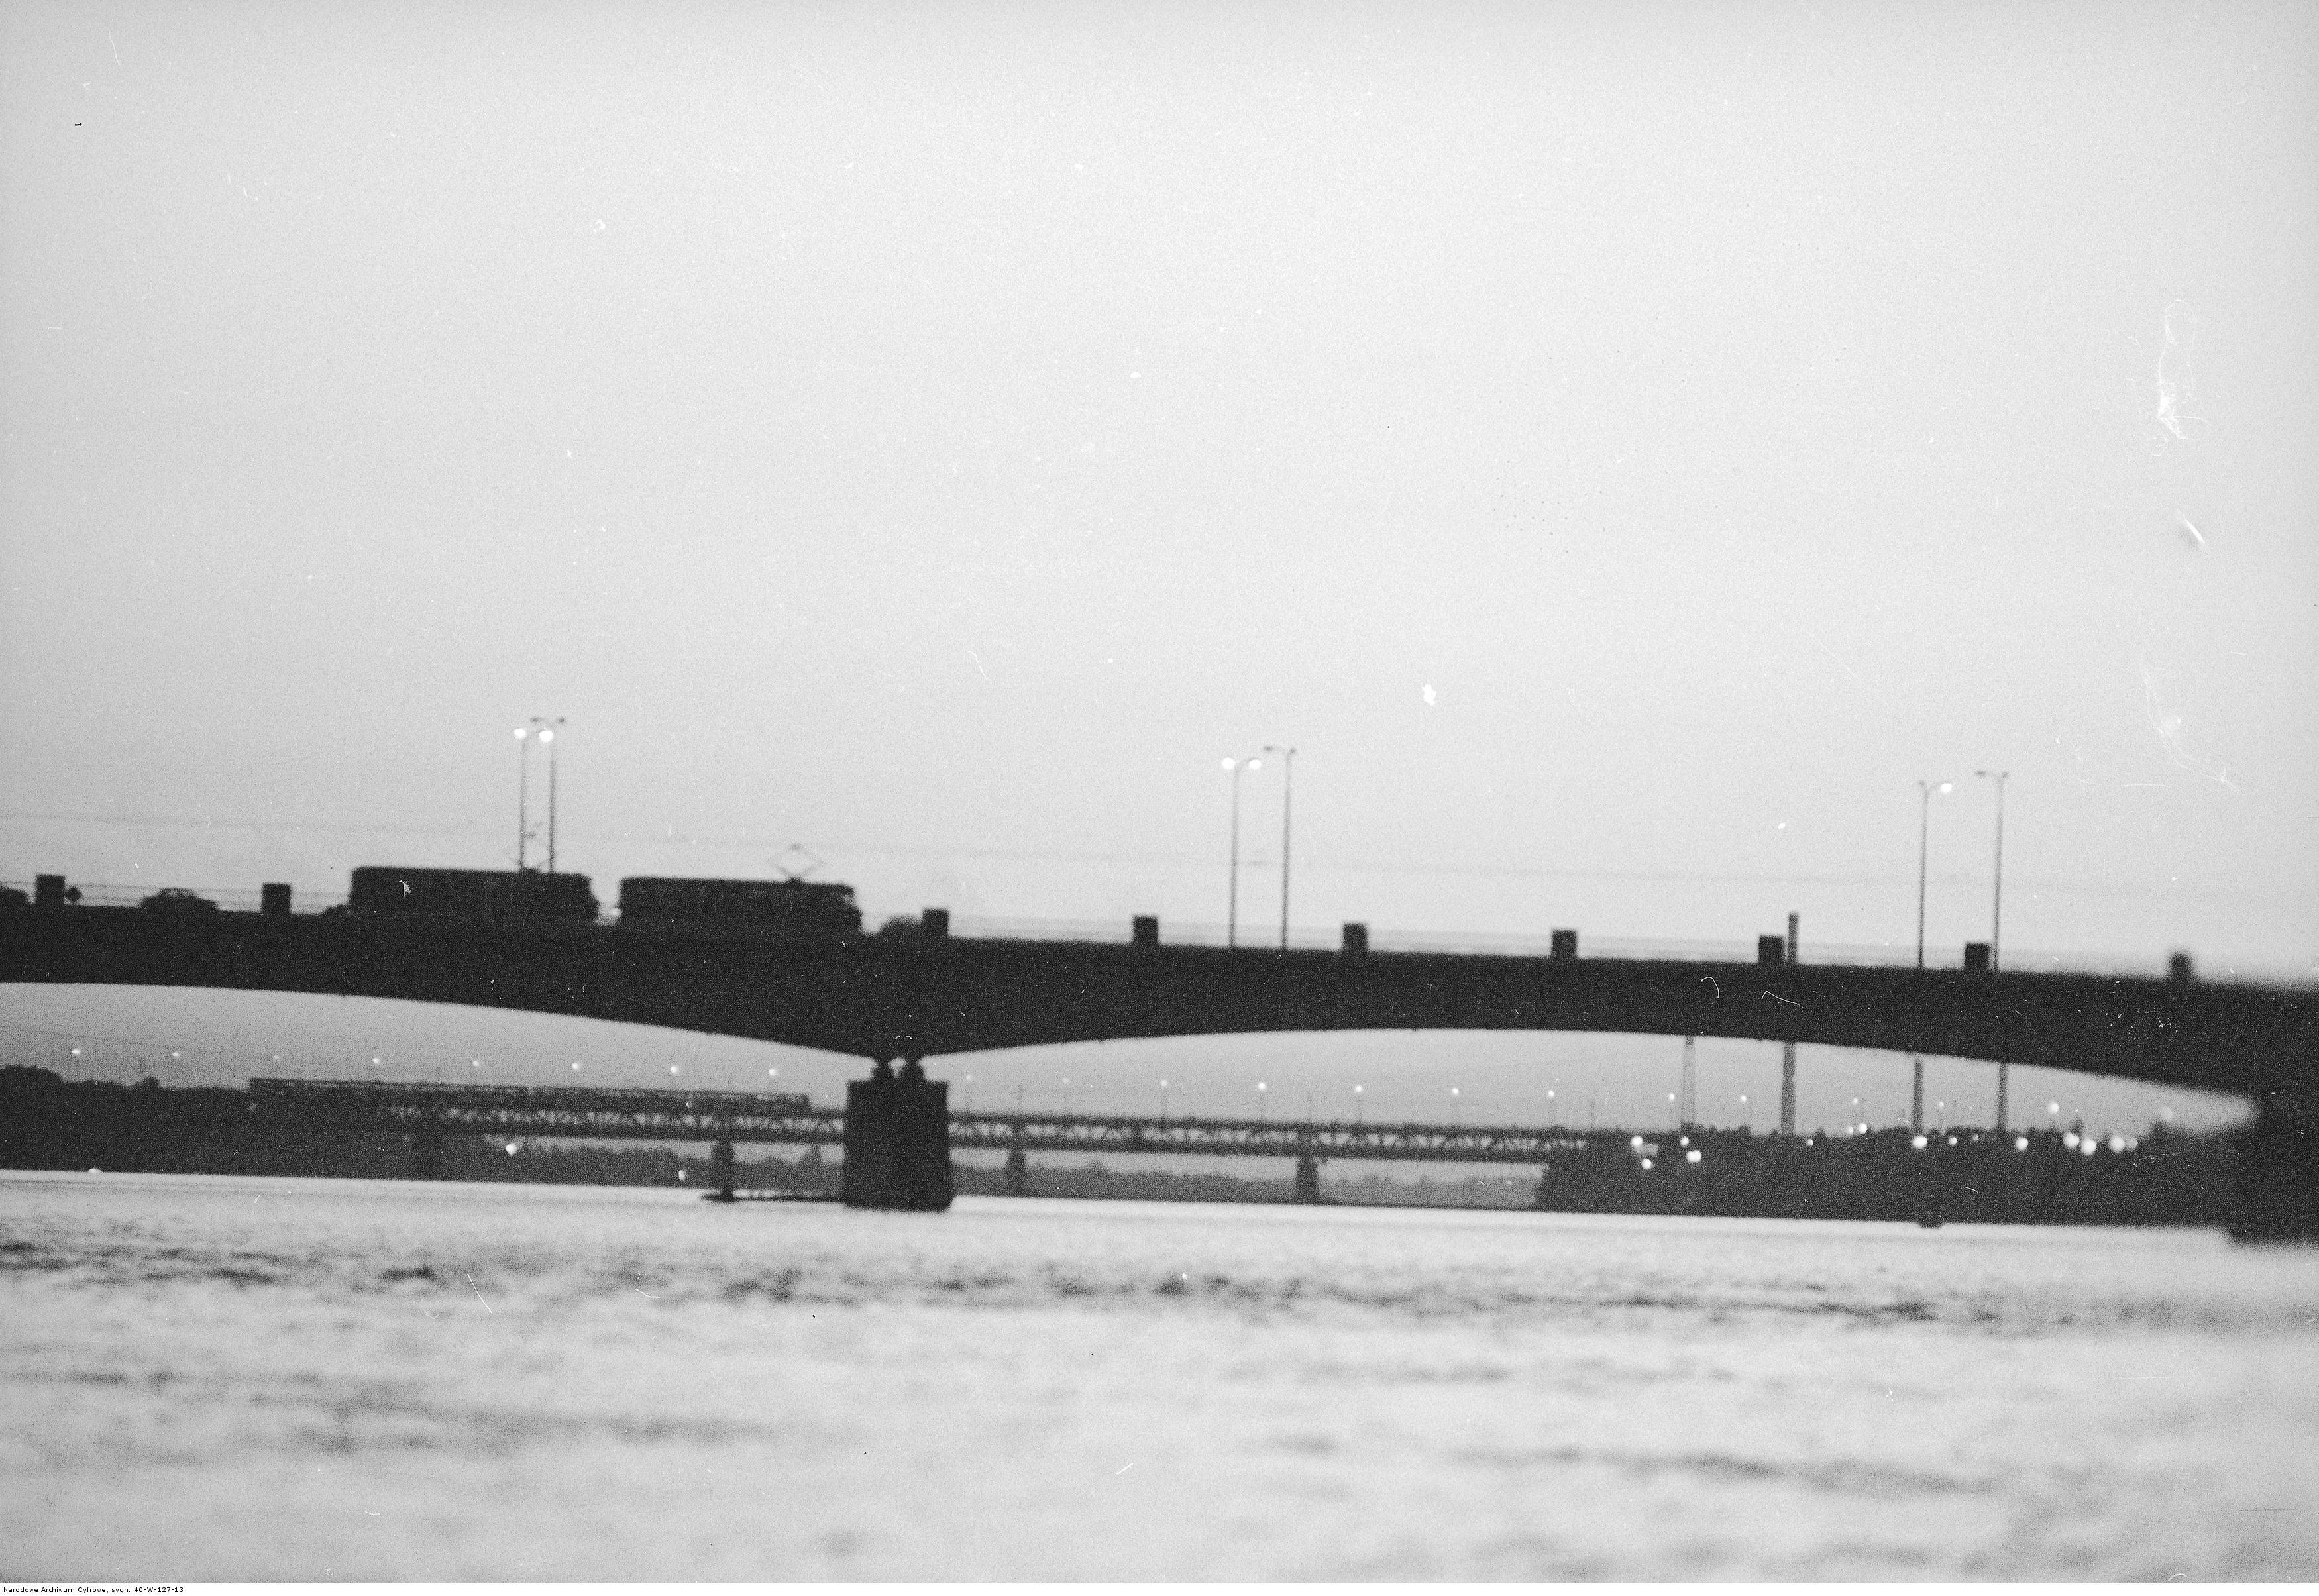 Rok 1973. Most Śląsko-Dąbrowski w Warszawie. fot. Narodowe Archiwum Cyfrowe